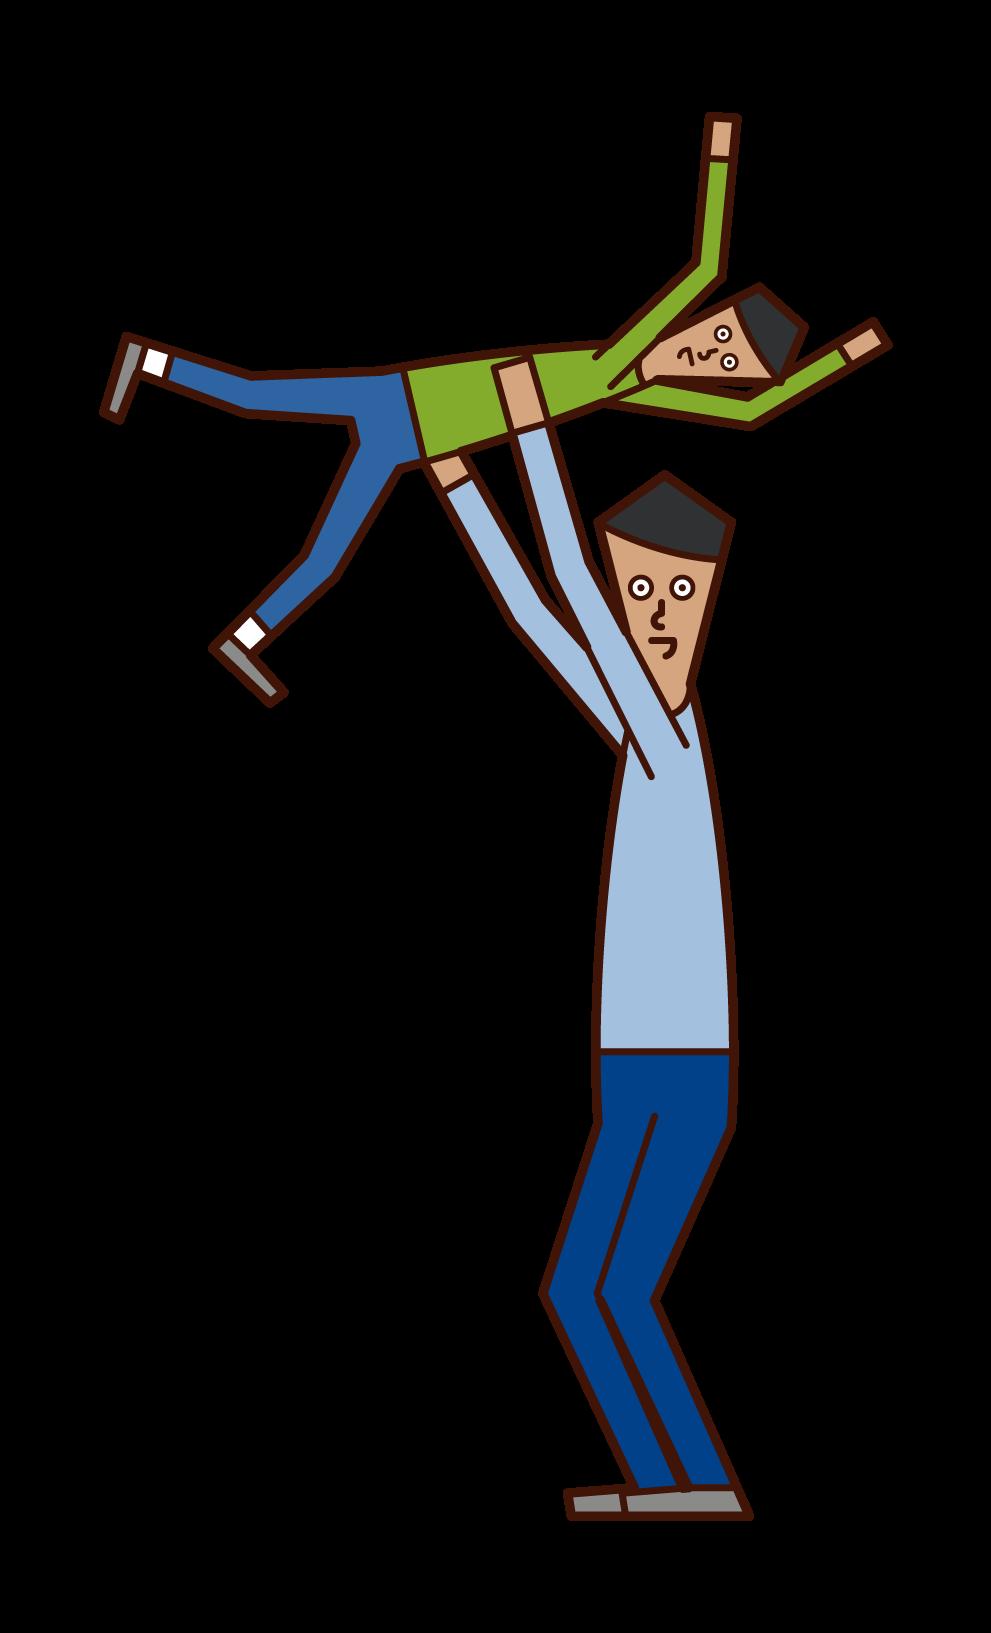 子供と遊ぶ人(男性)のイラスト